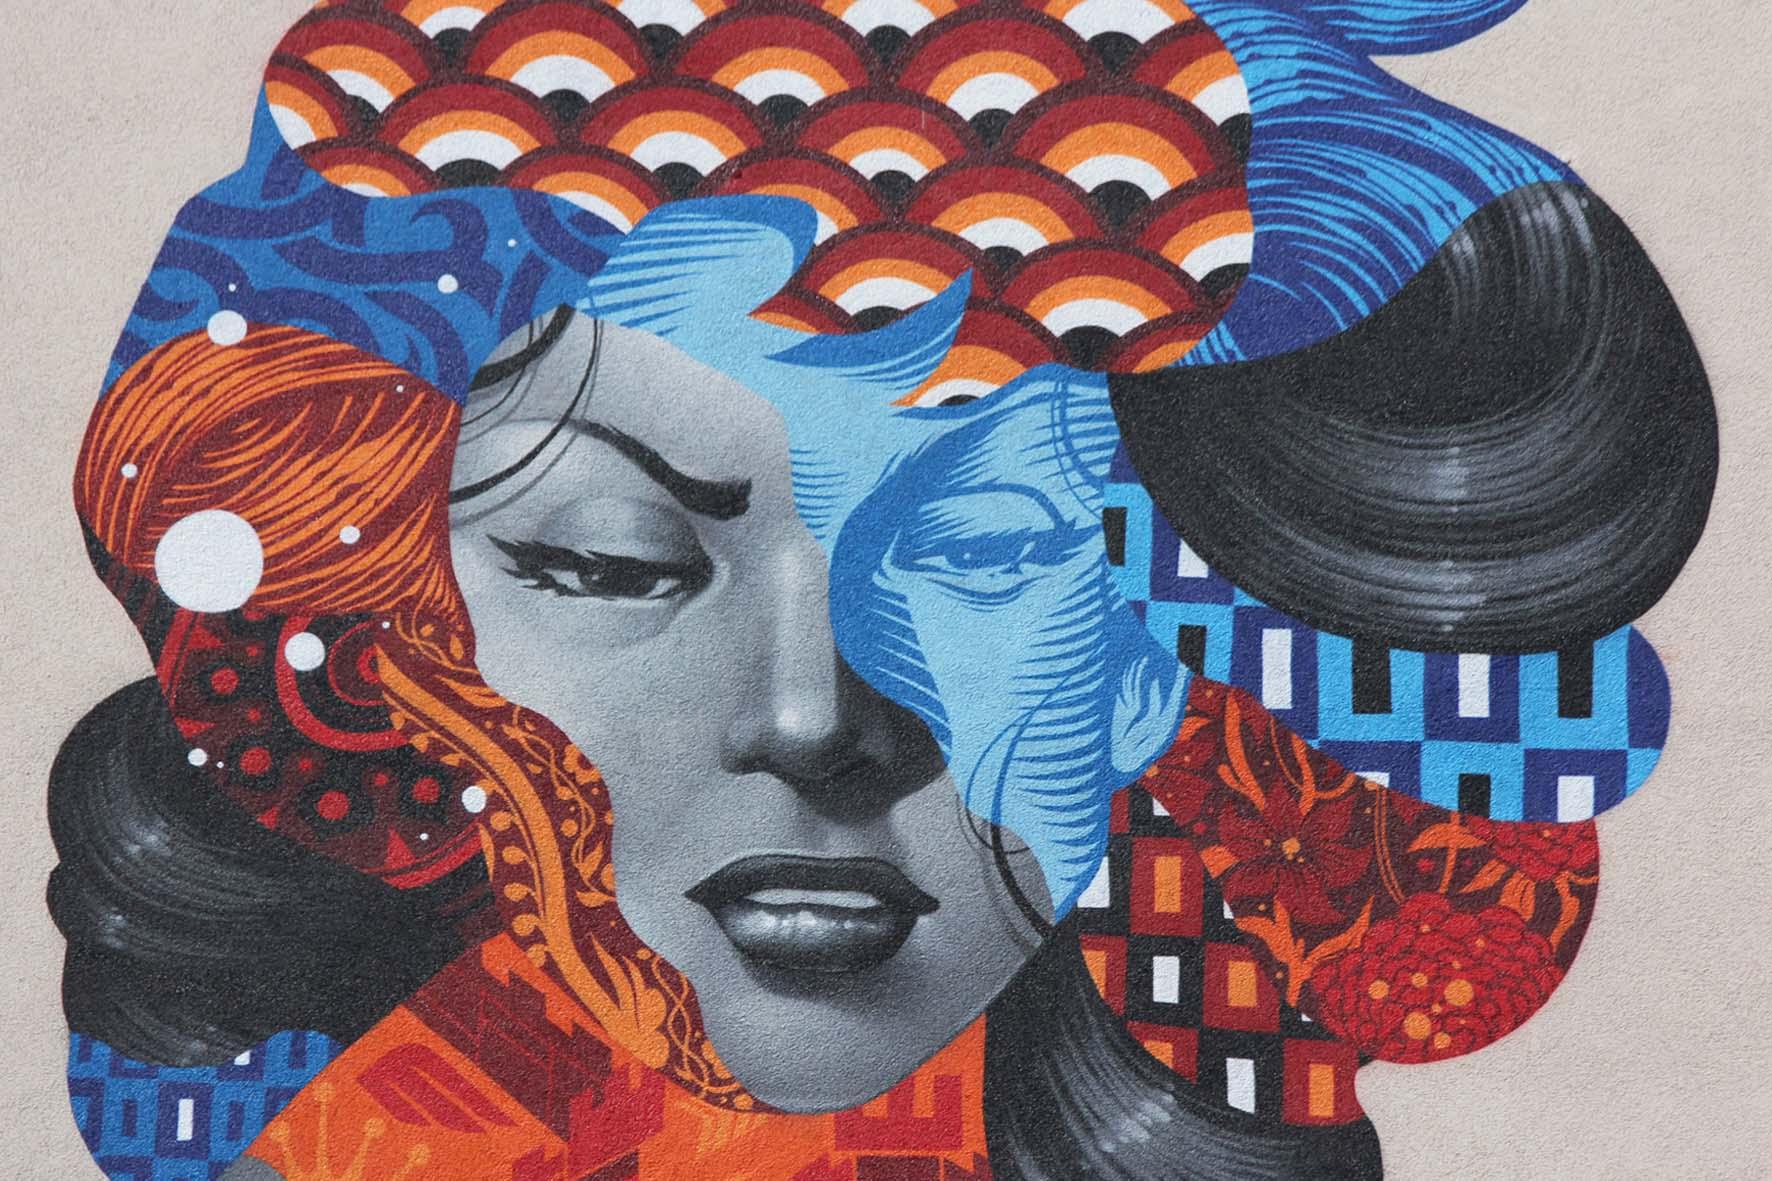 Eine Nahaufnahme des Gesichts des Street Art Murals Attack of the 50 Foot Socialite von Tristan Eaton am Am Friedrichshain 33 in Berlin